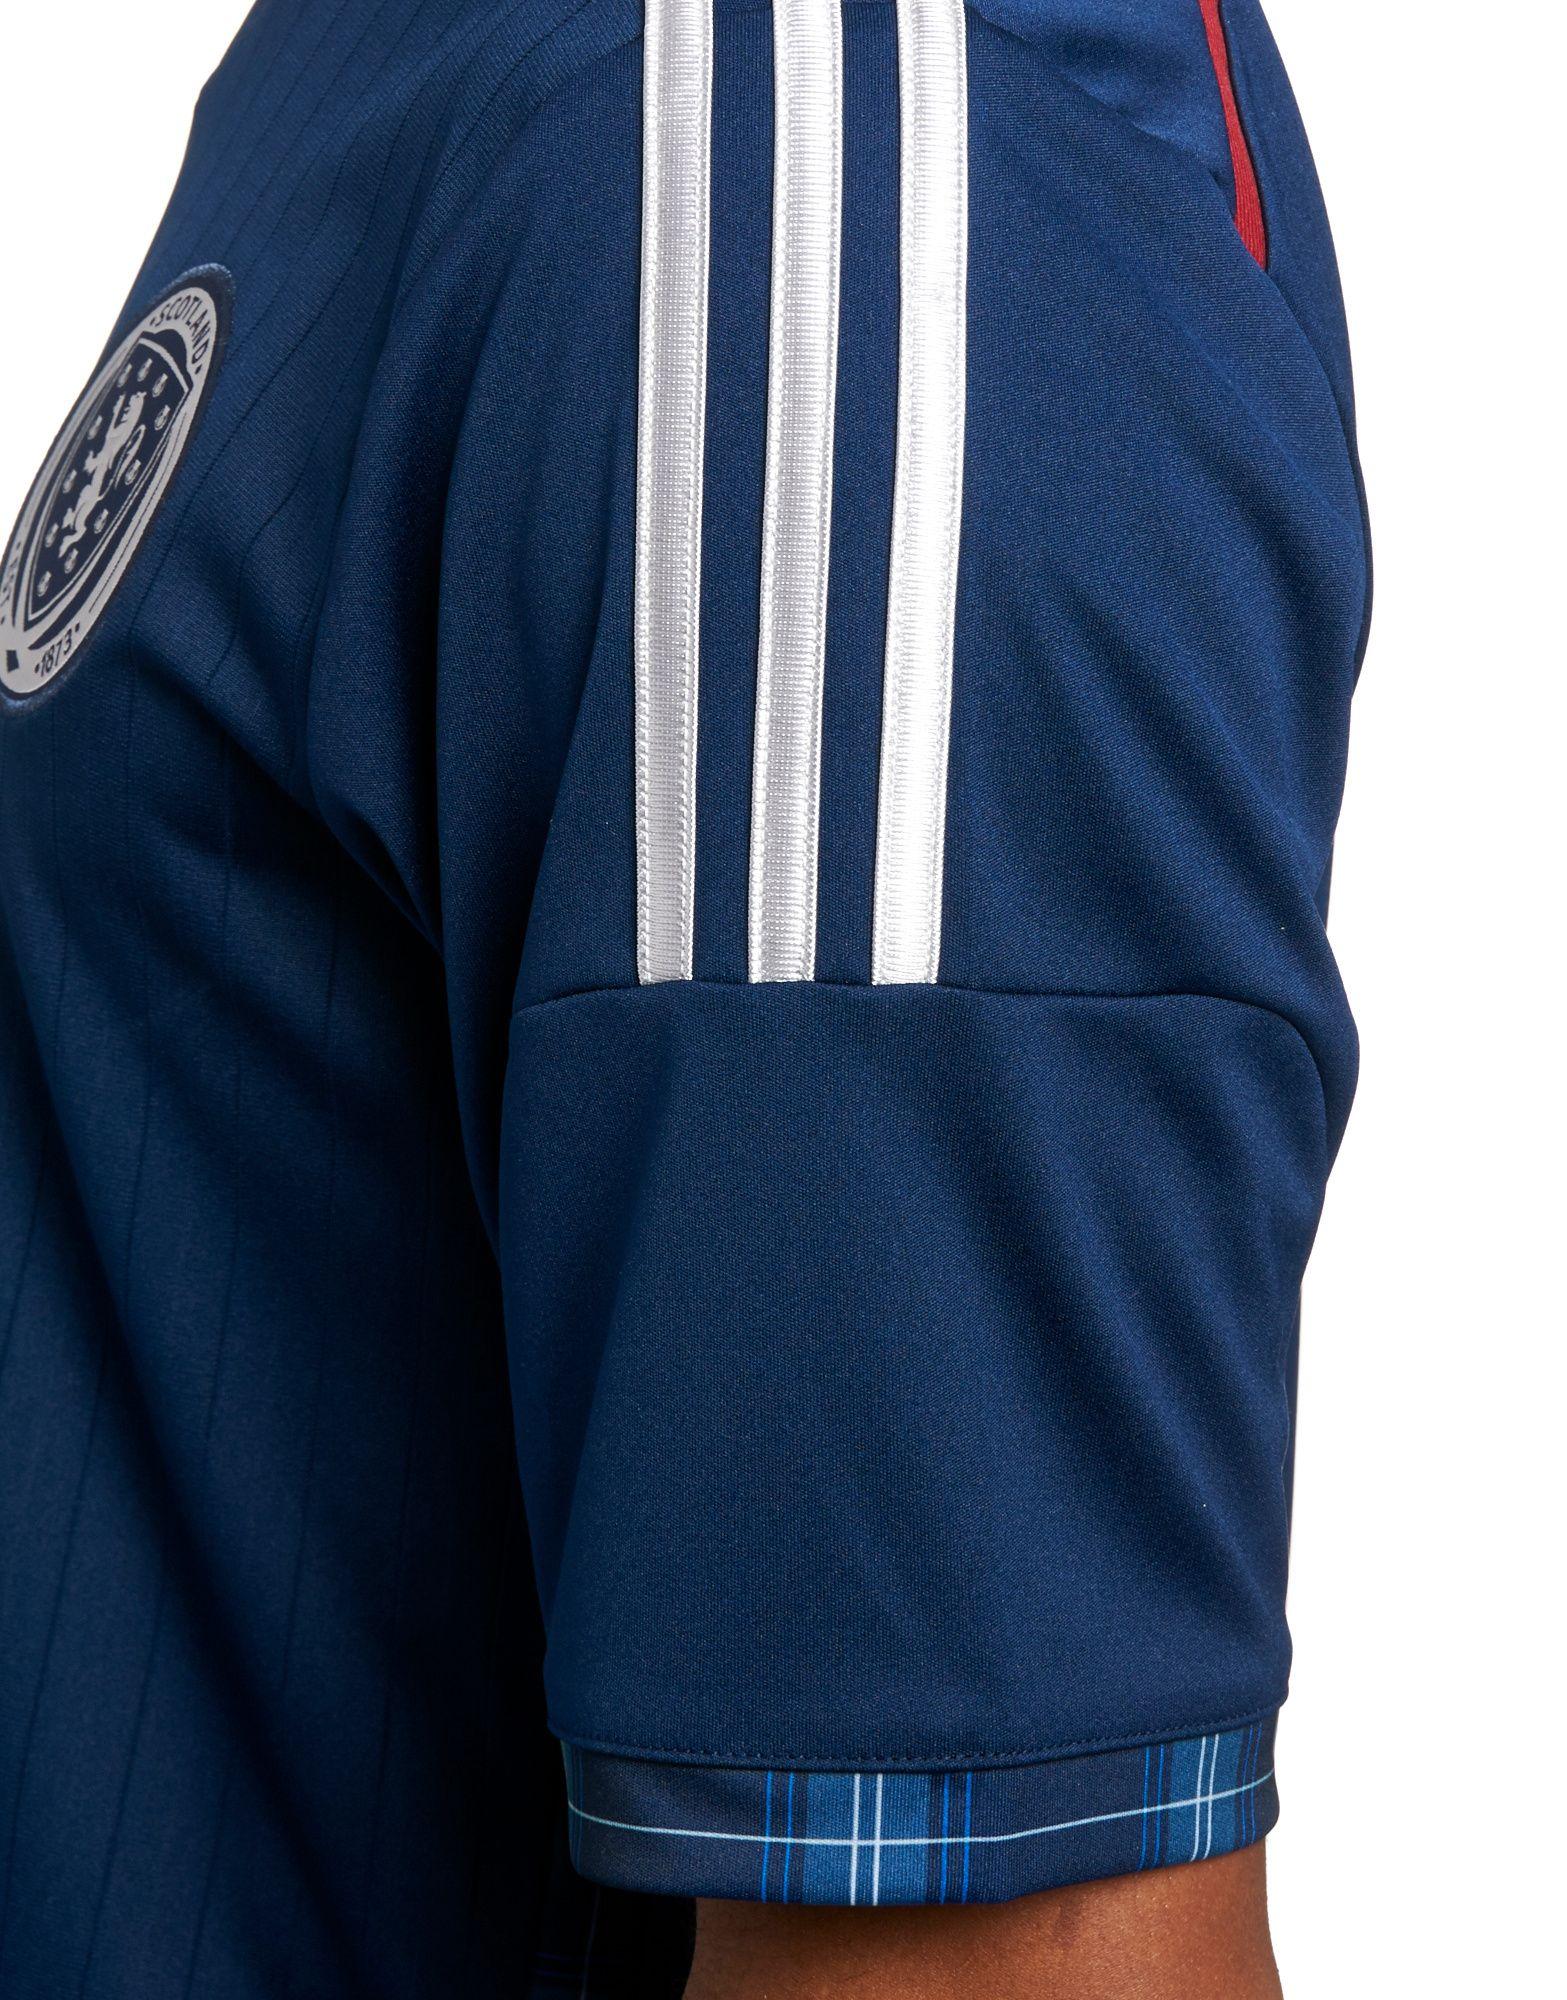 adidas Scotland 2014 Home Shirt